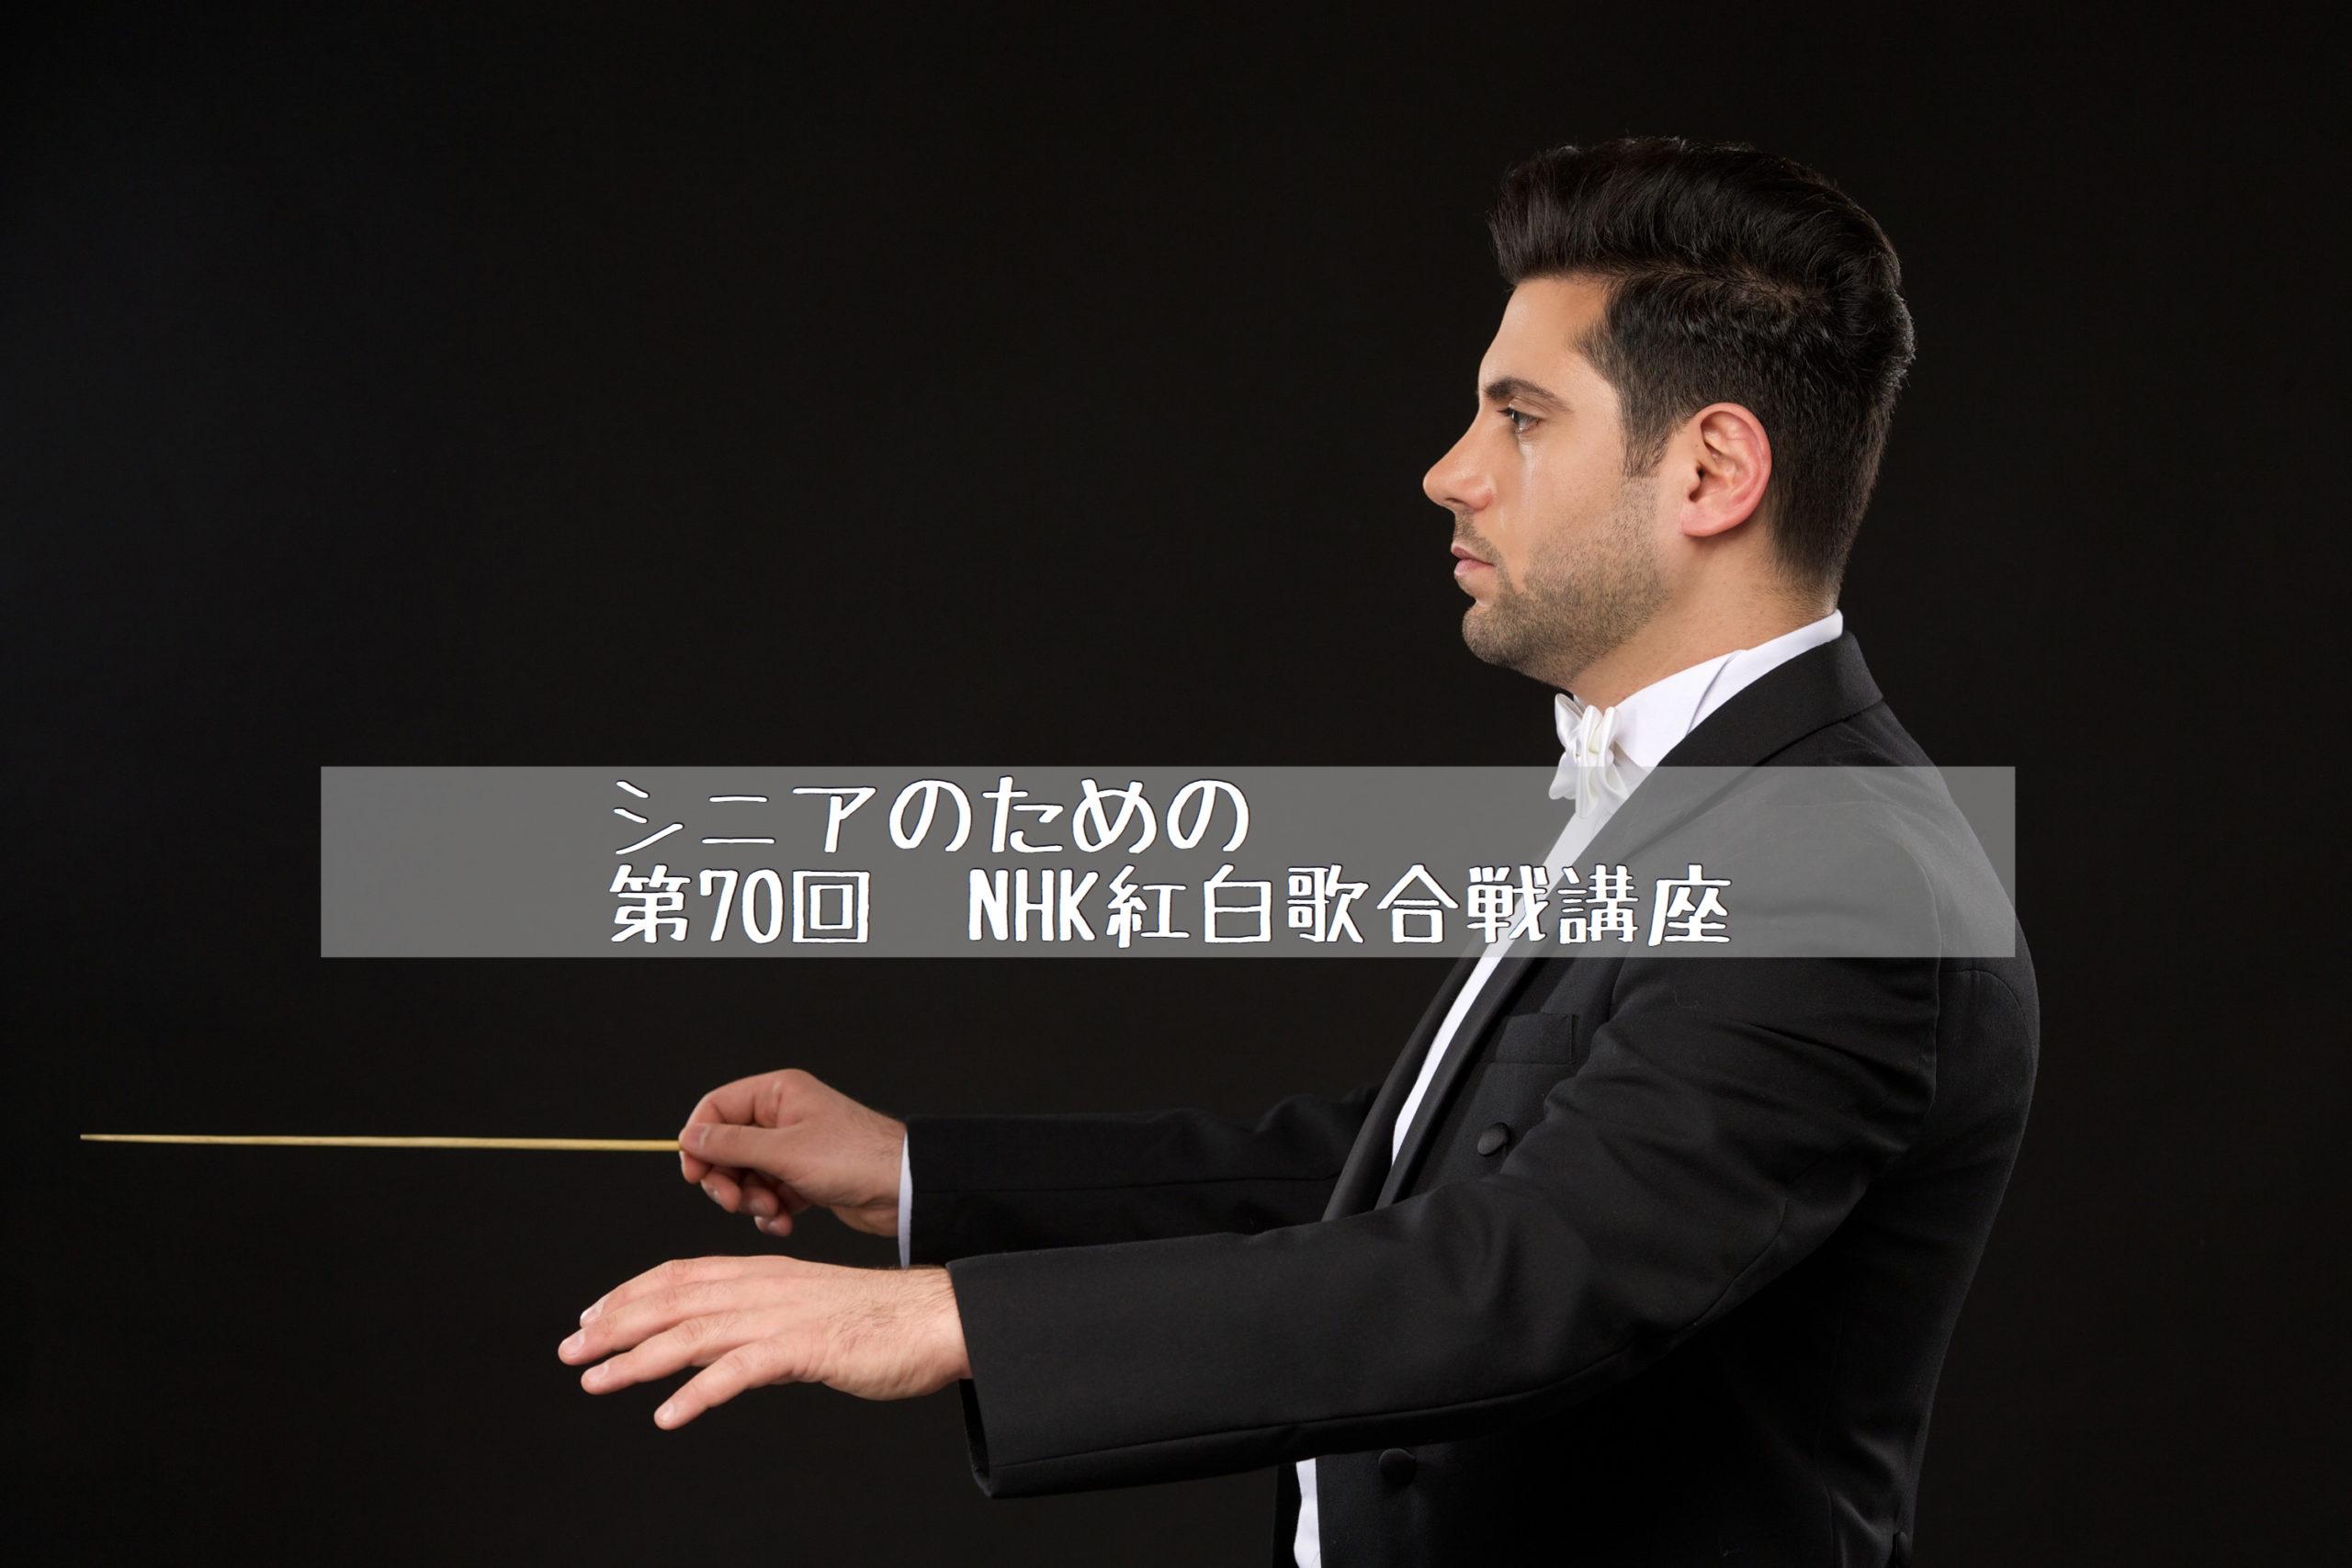 シニアのための「第70回 NHK紅白歌合戦講座」